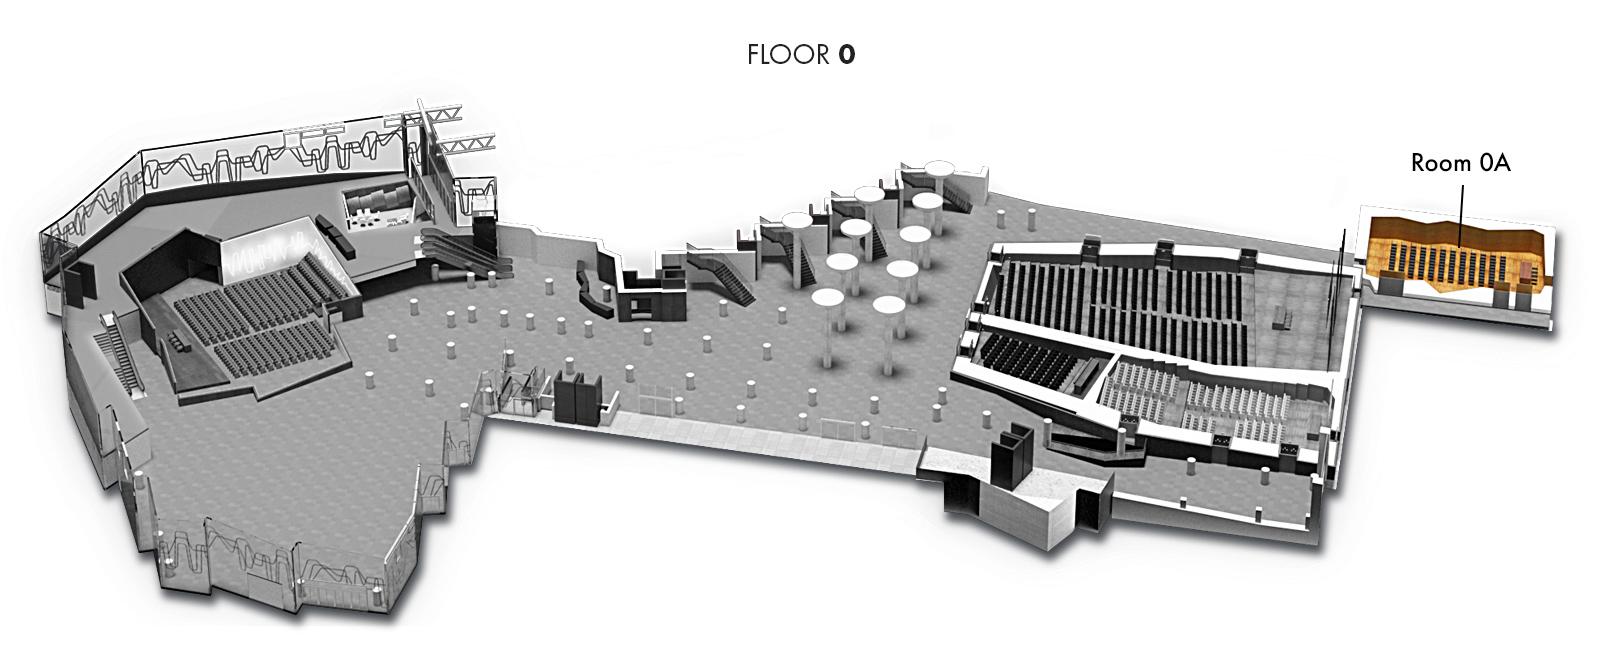 Room 0A, Floor 0 | Palacio Euskalduna Jauregia